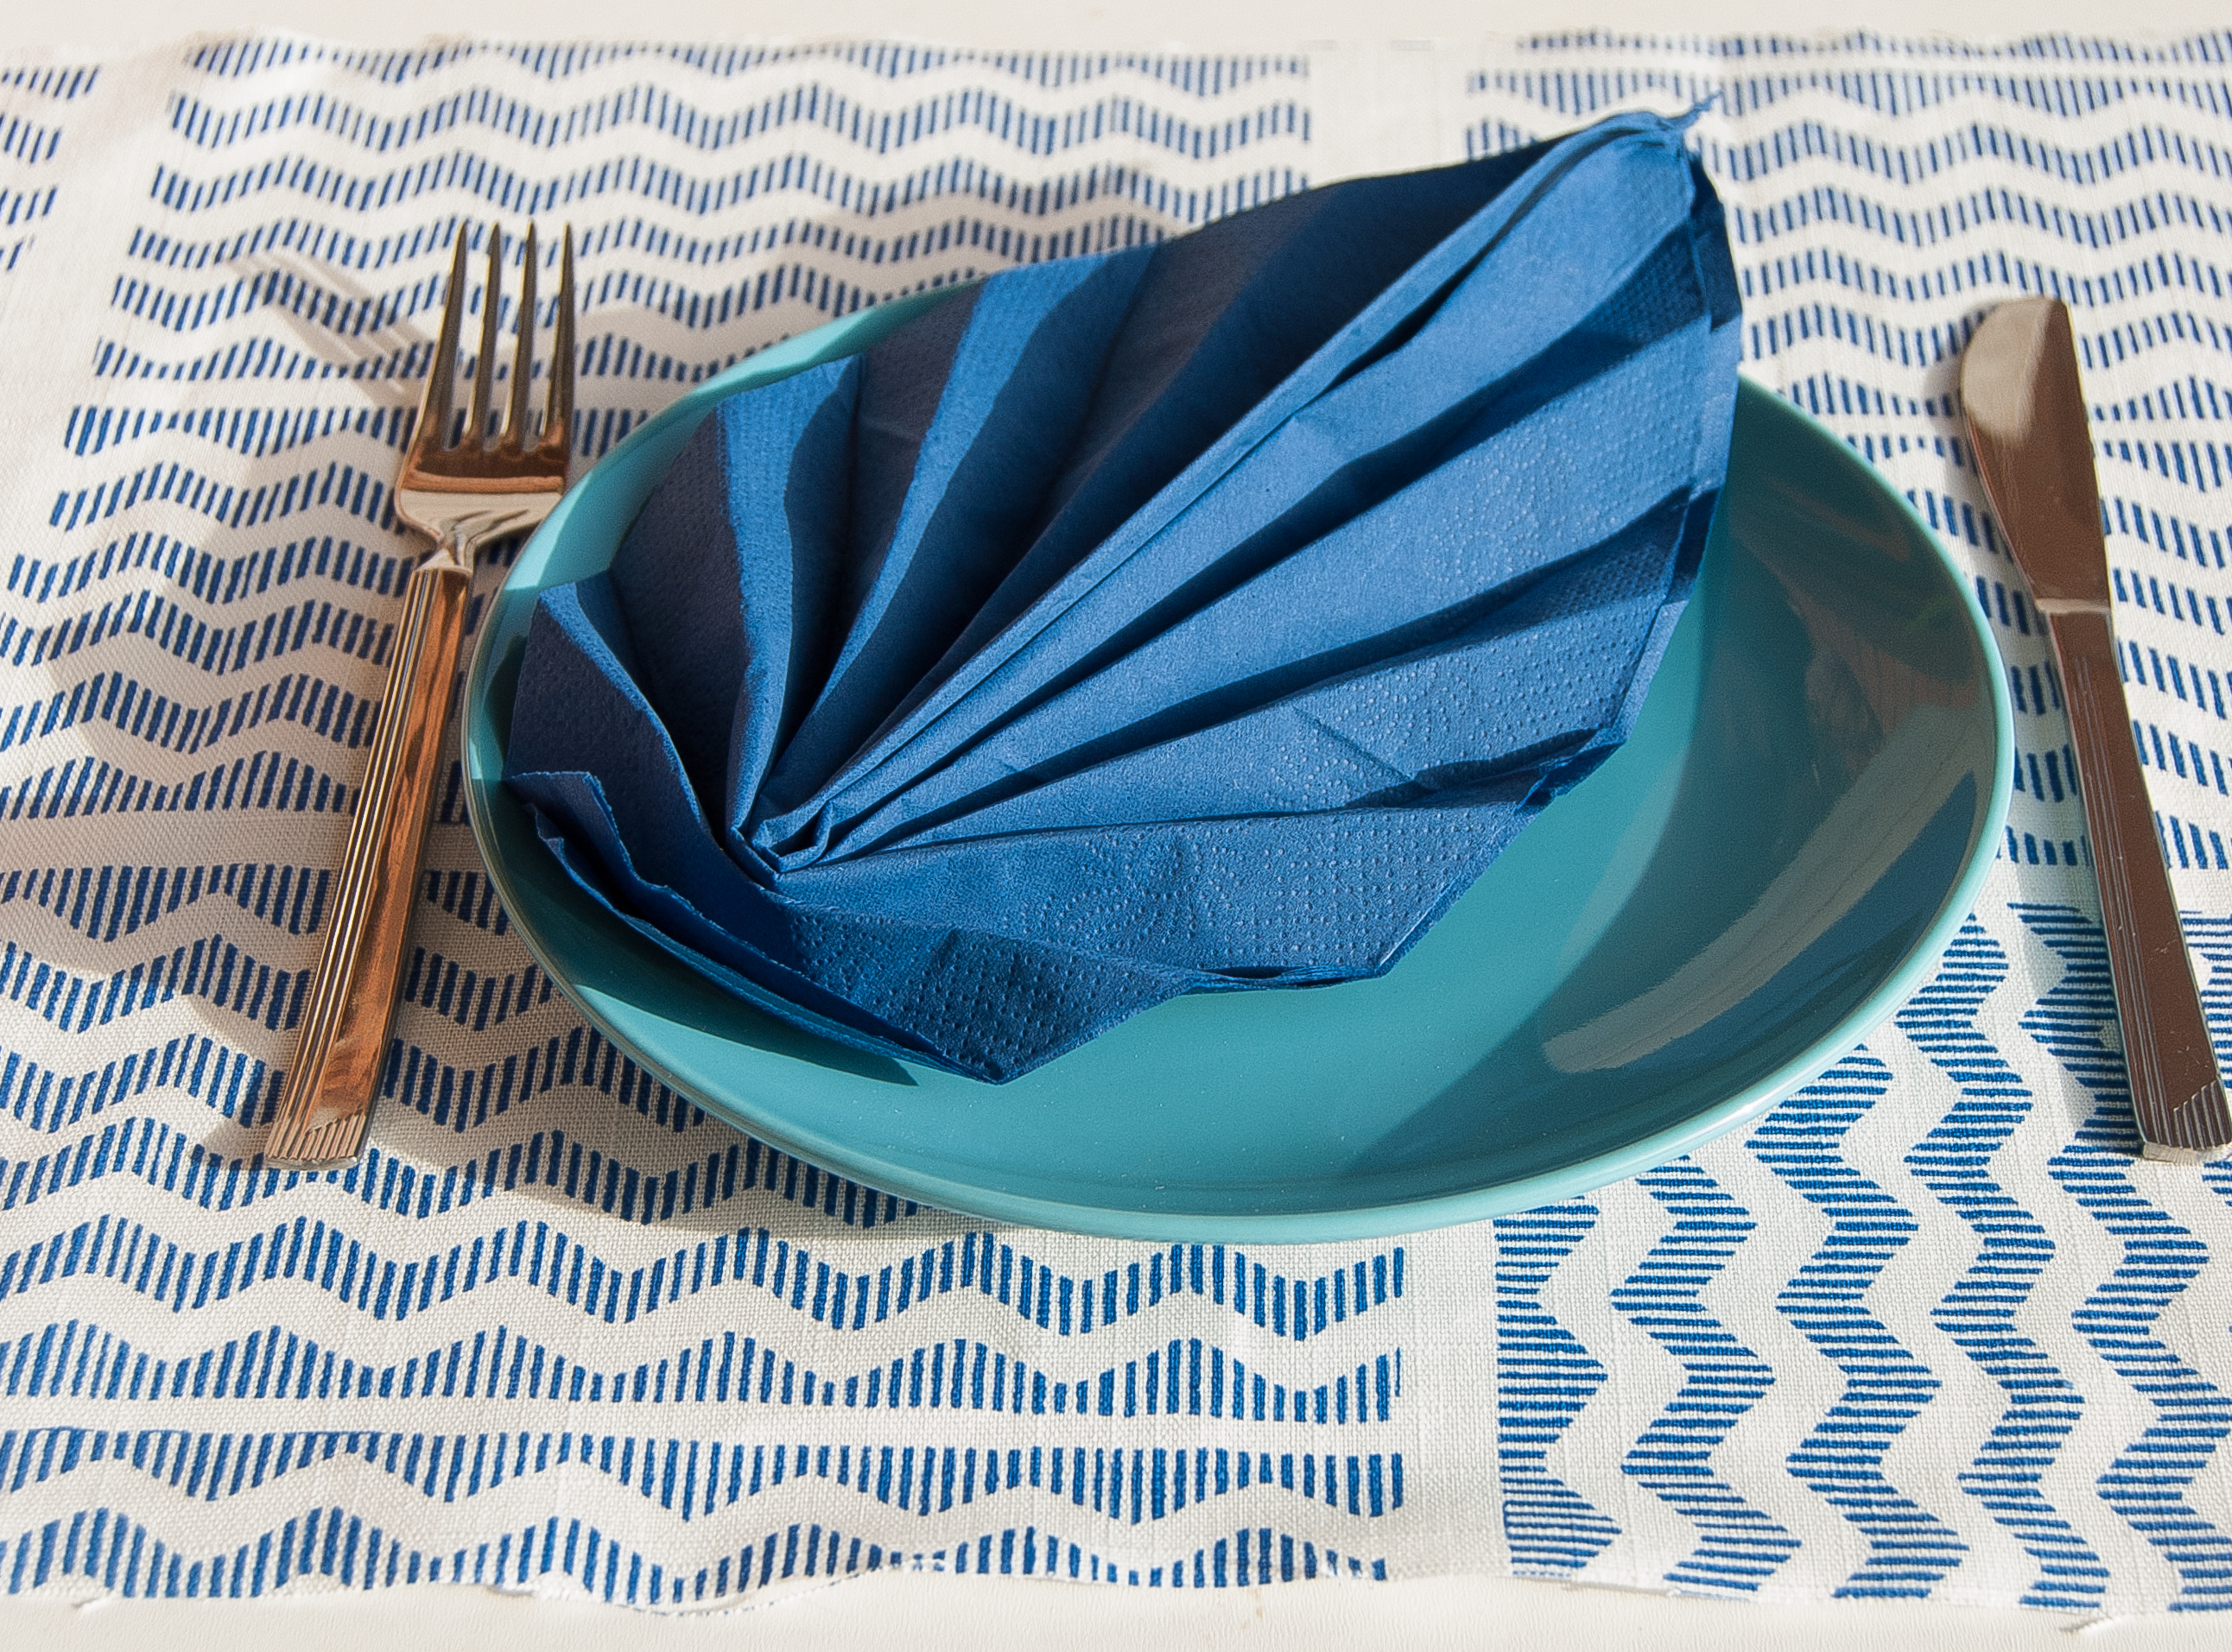 Piegare Tovaglioli Di Carta piegare il tovagliolo a forma di foglia | cuocaxamore